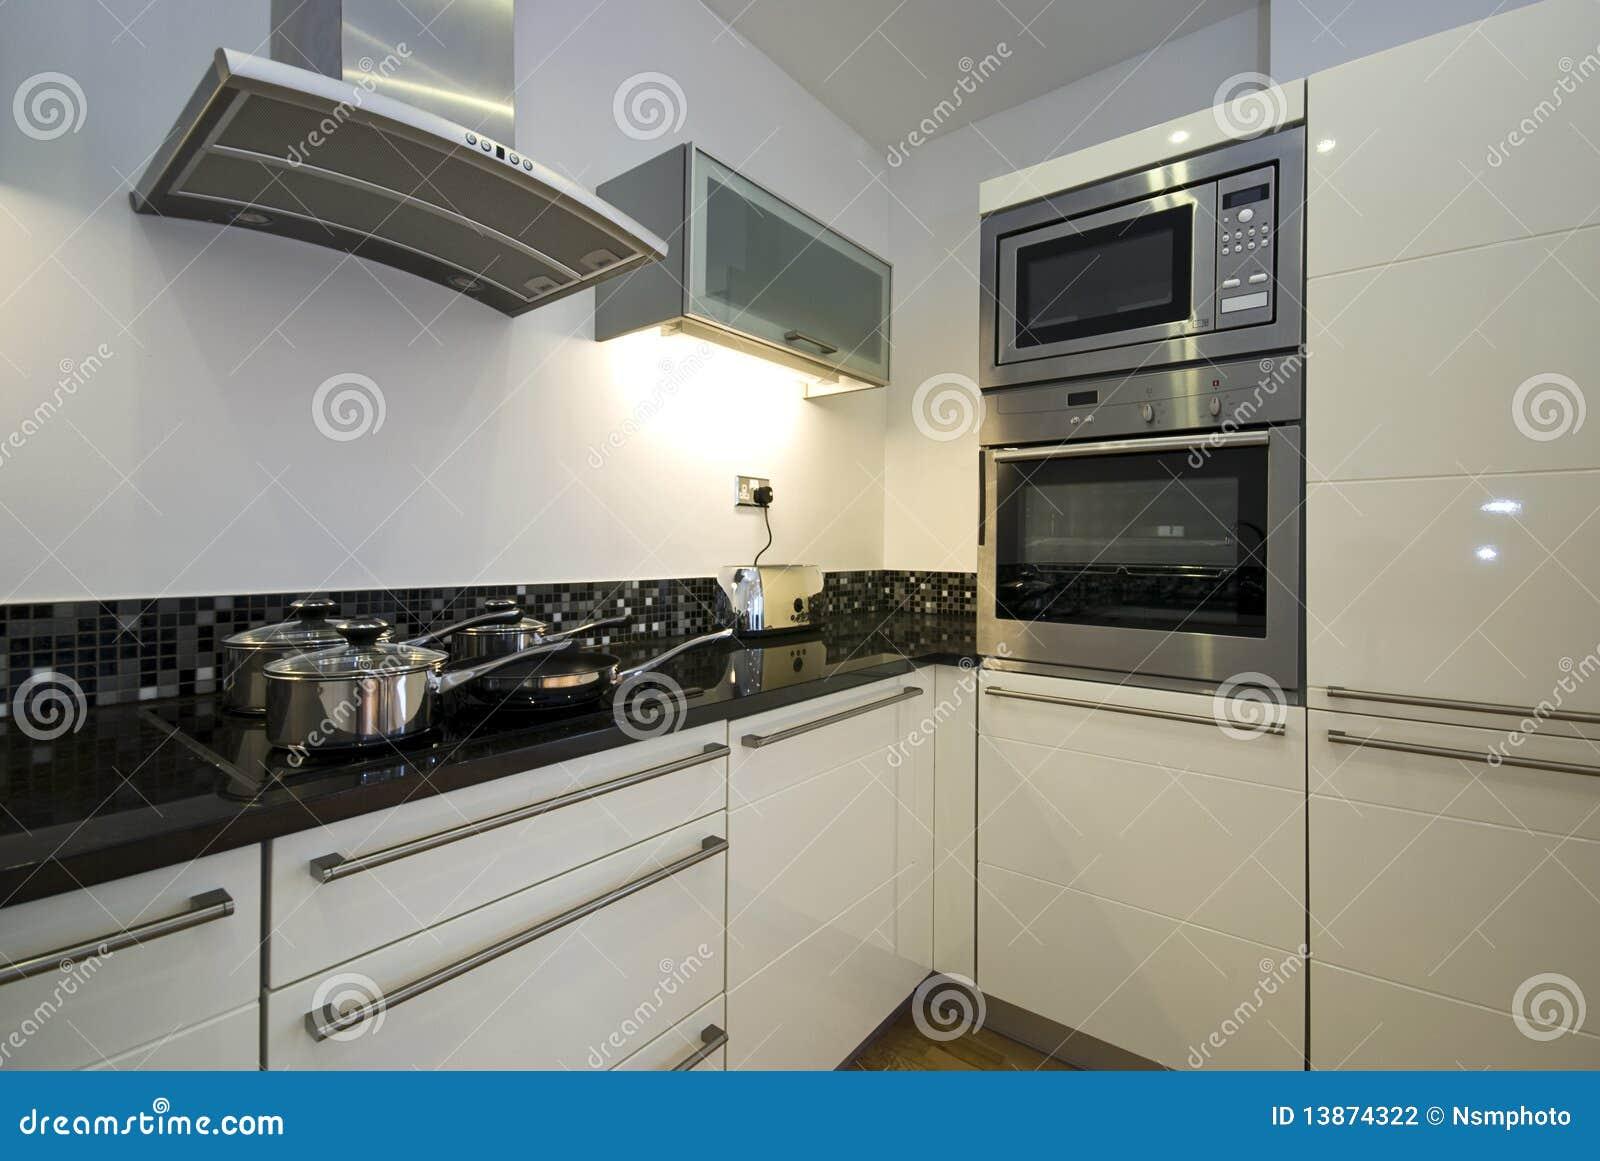 Cozinha contemporânea com os dispositivos modernos no branco. #59513F 1300 960